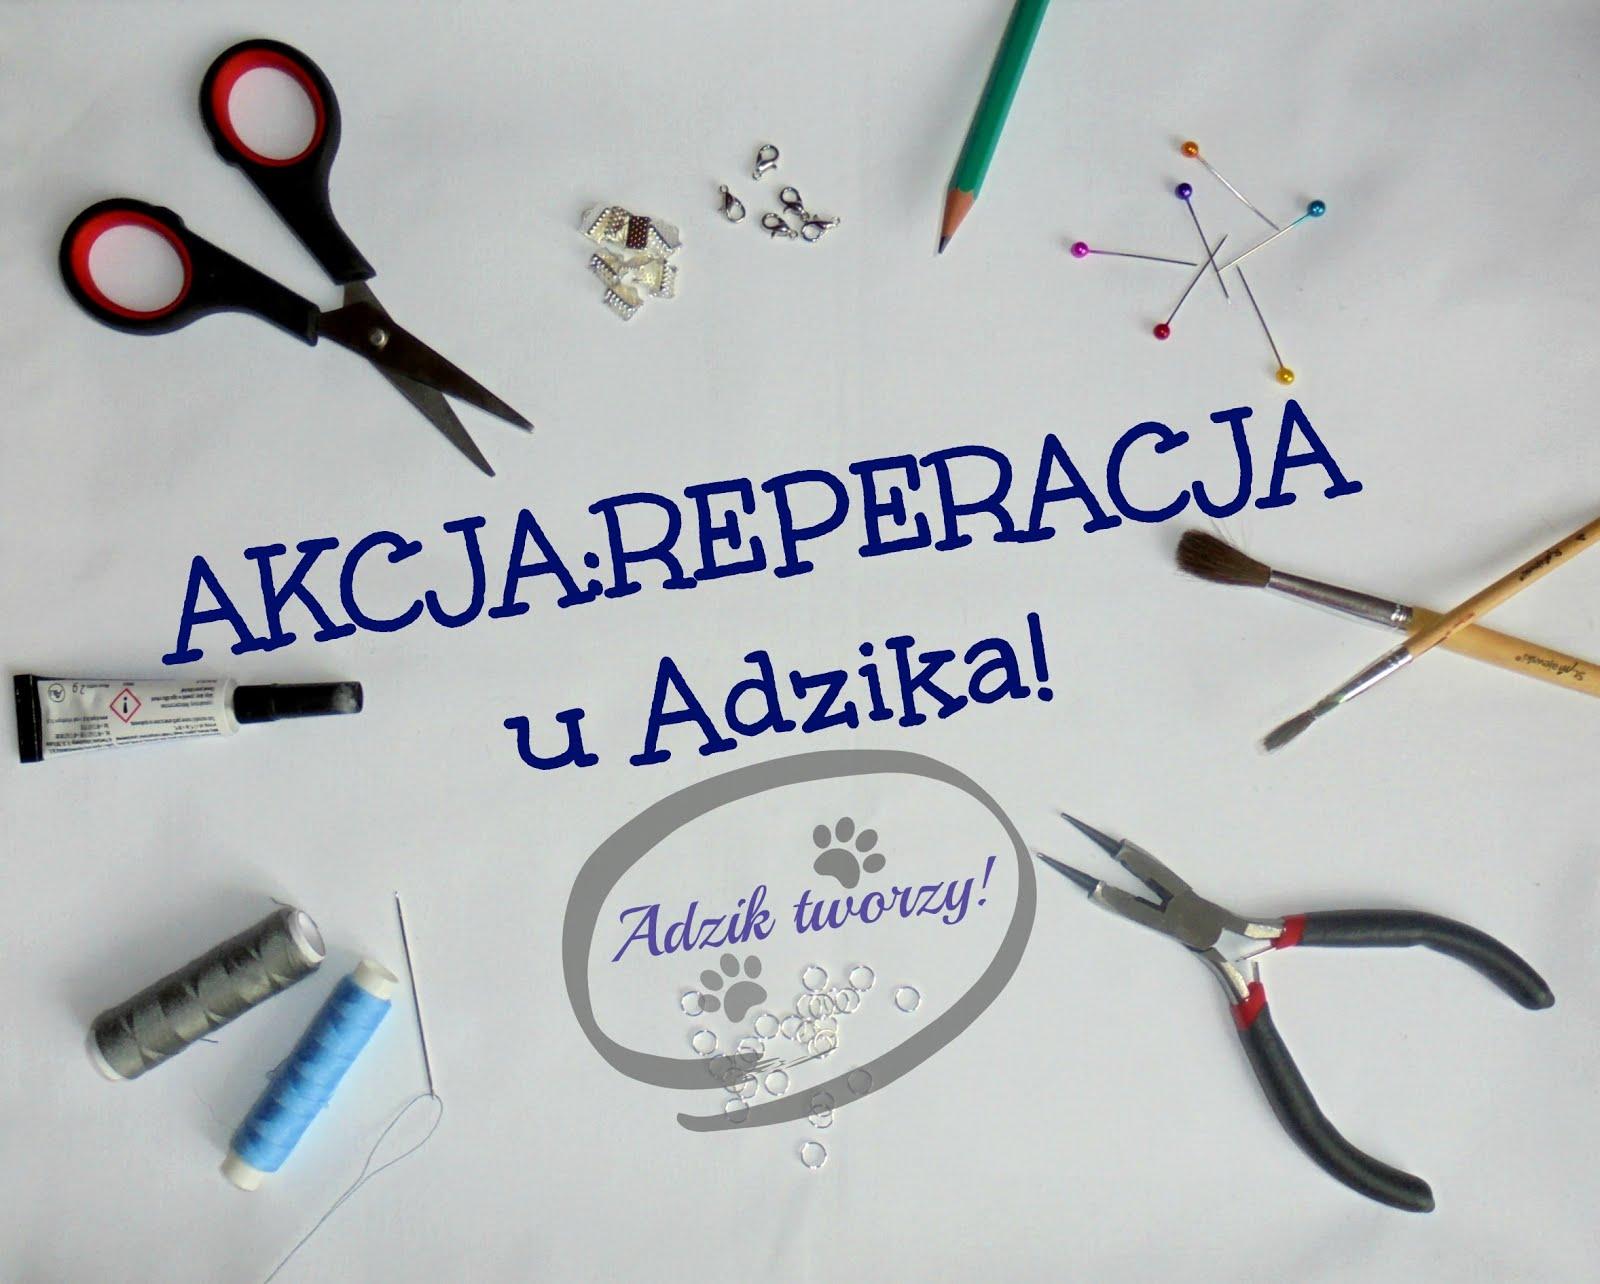 Akcja:Reperacja u Adzika :)